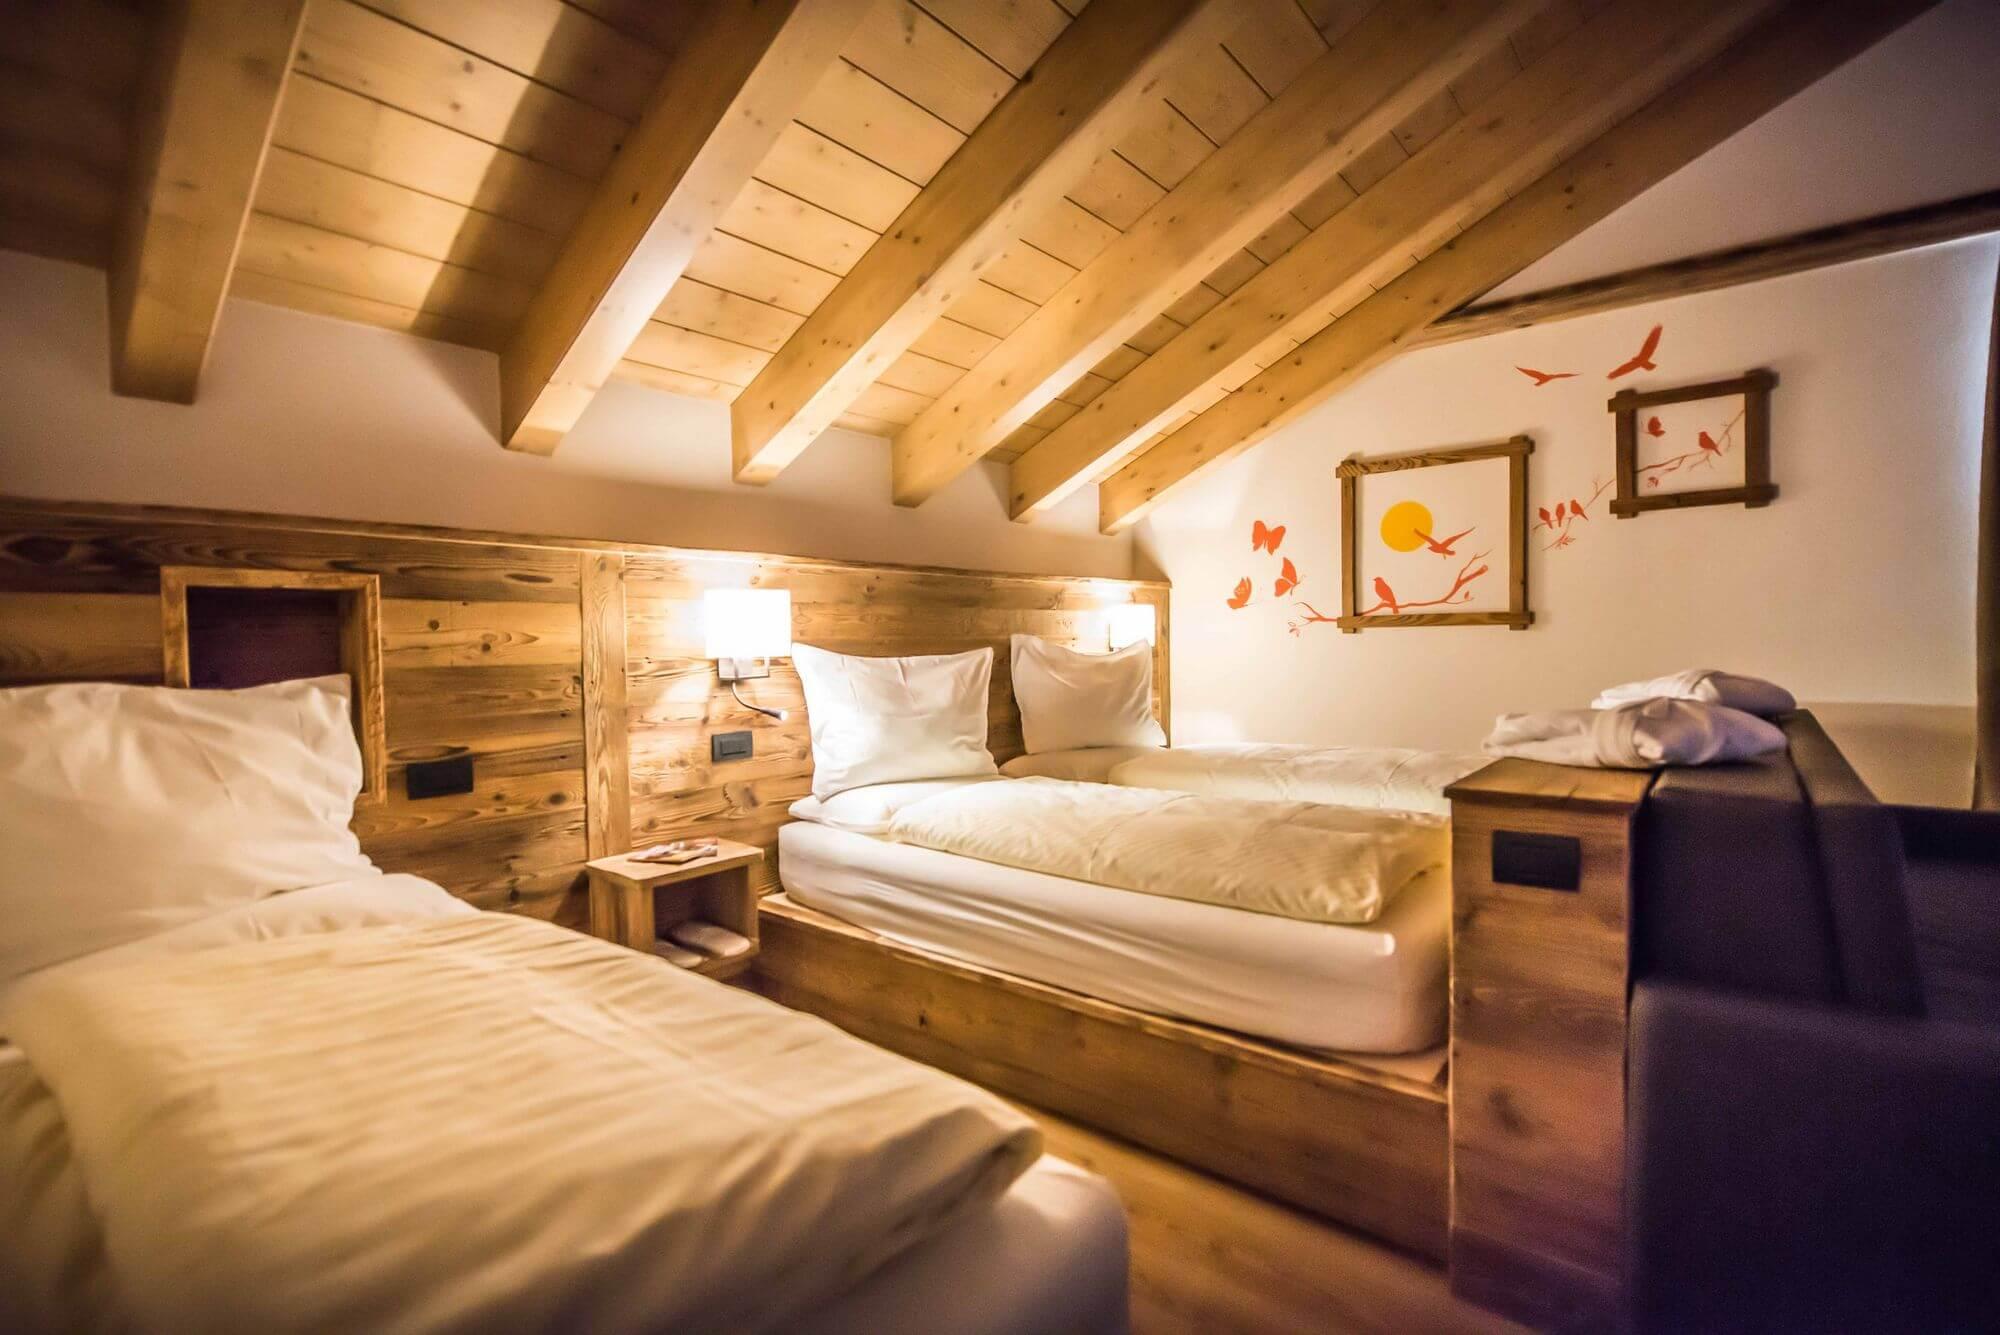 Arredamento in legno: Suite a Livigno